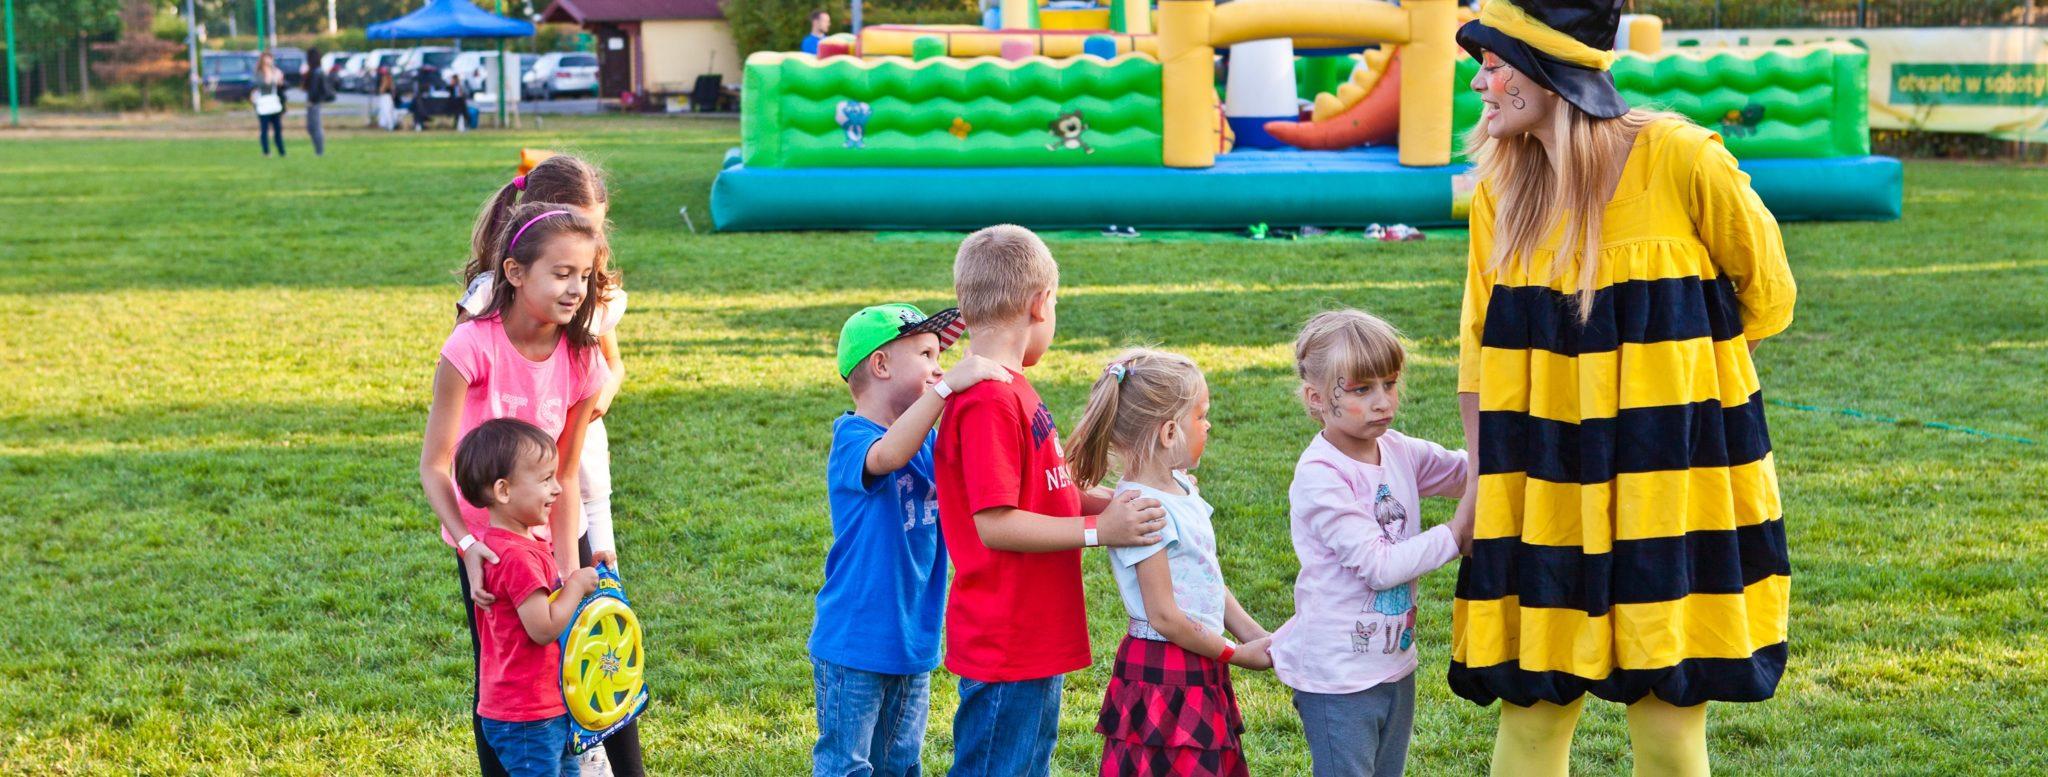 organizacja imprez dla dzieci, oferta